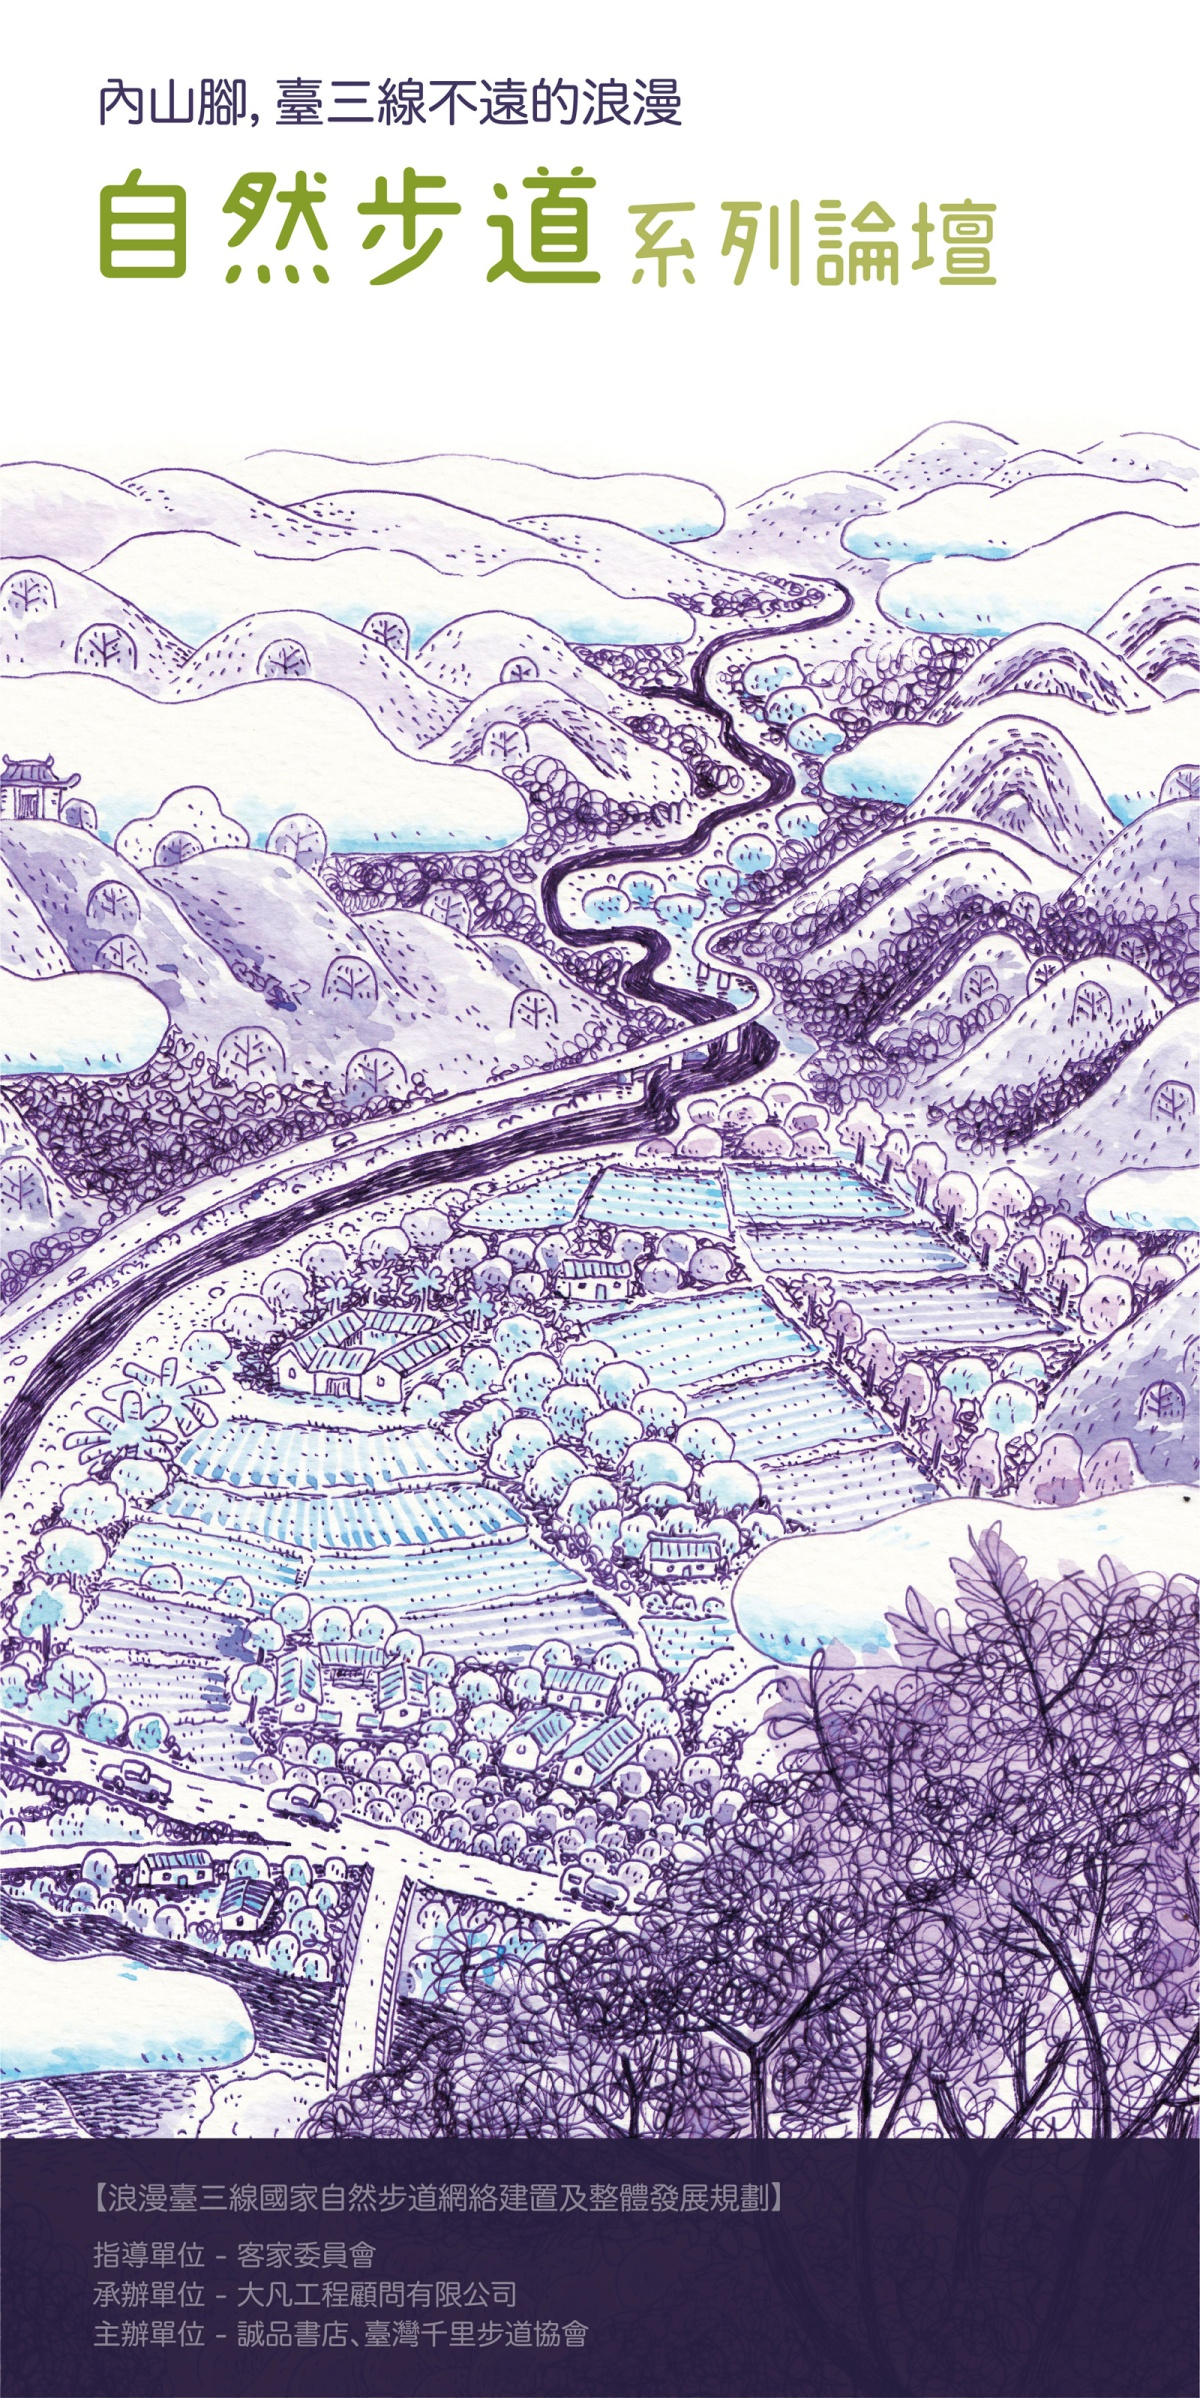 浪漫台三線自然步道系列論譠_III_purple_o-72dpi